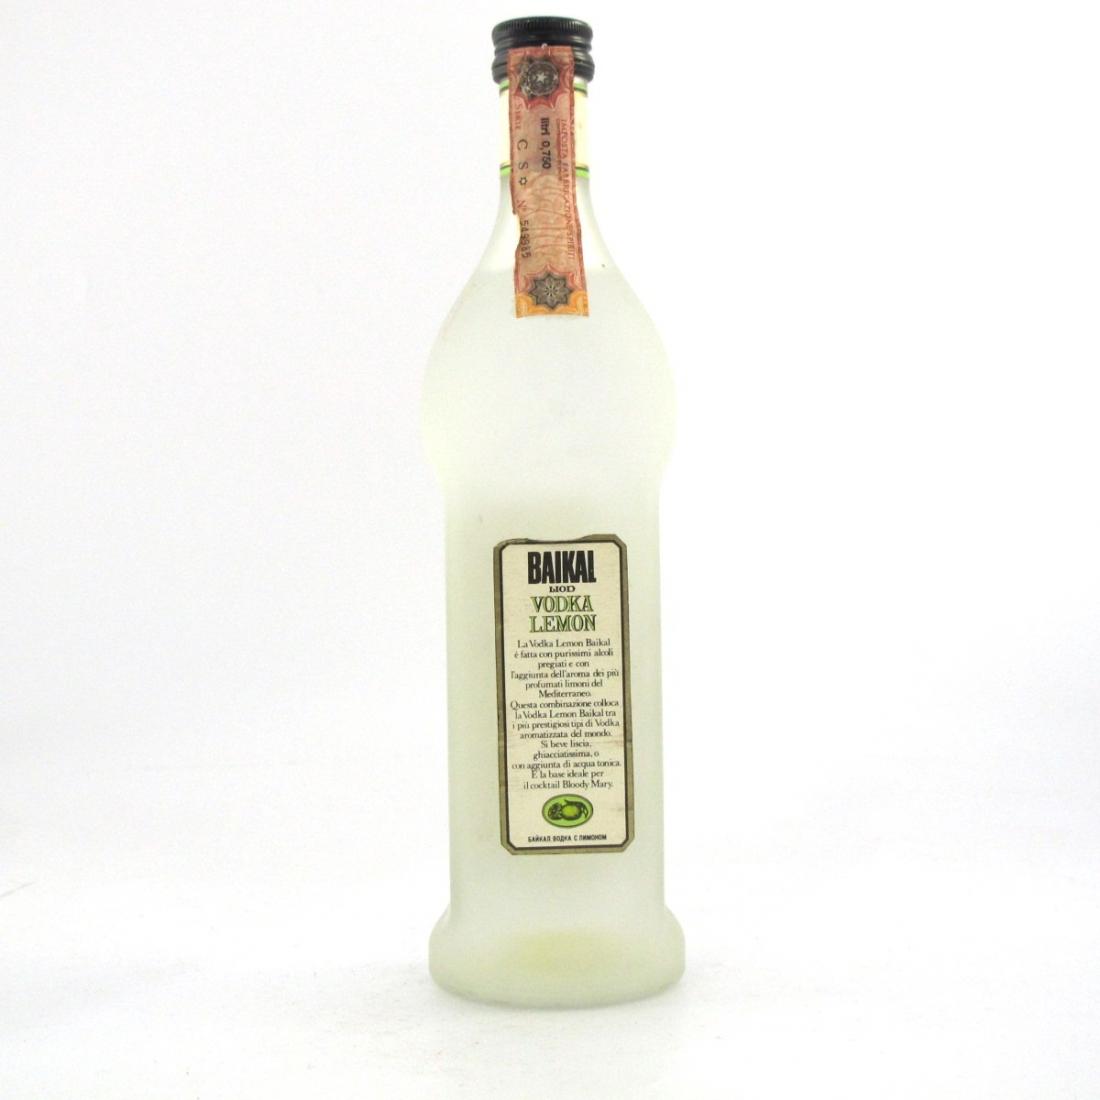 Baikal Liod Vodka Lemon 1980s